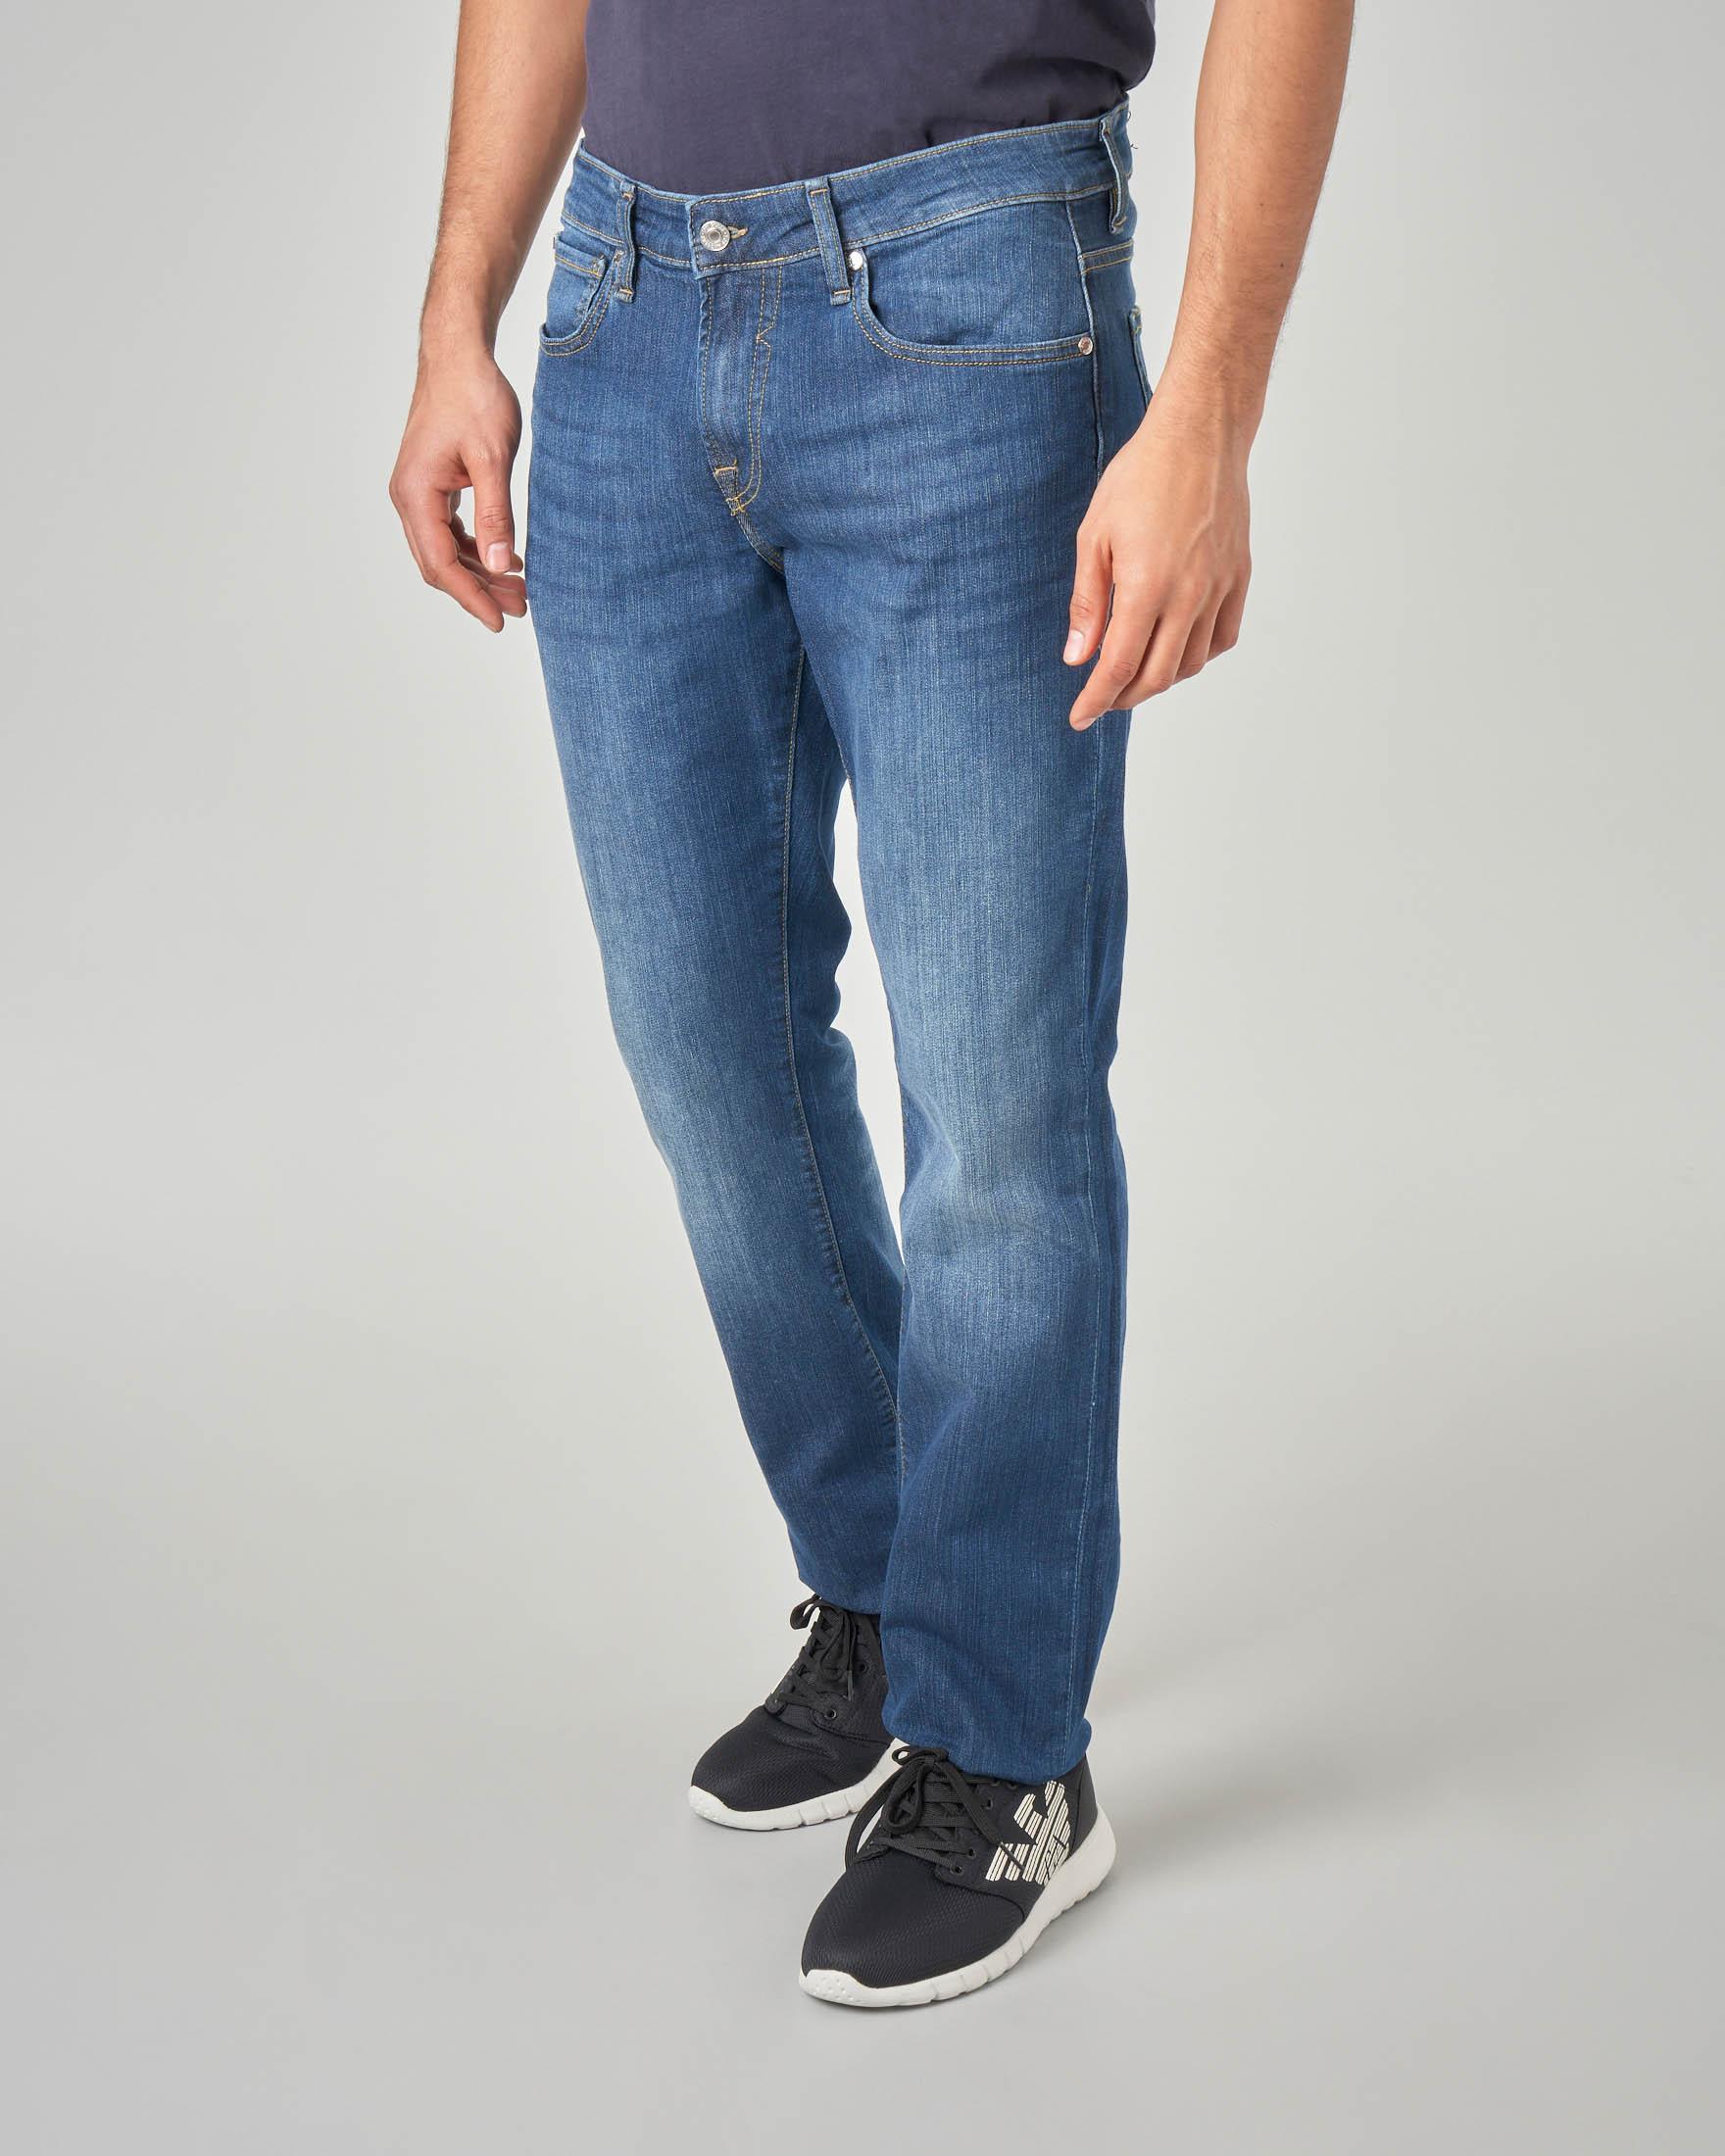 Jeans skinny lavaggio stone wash